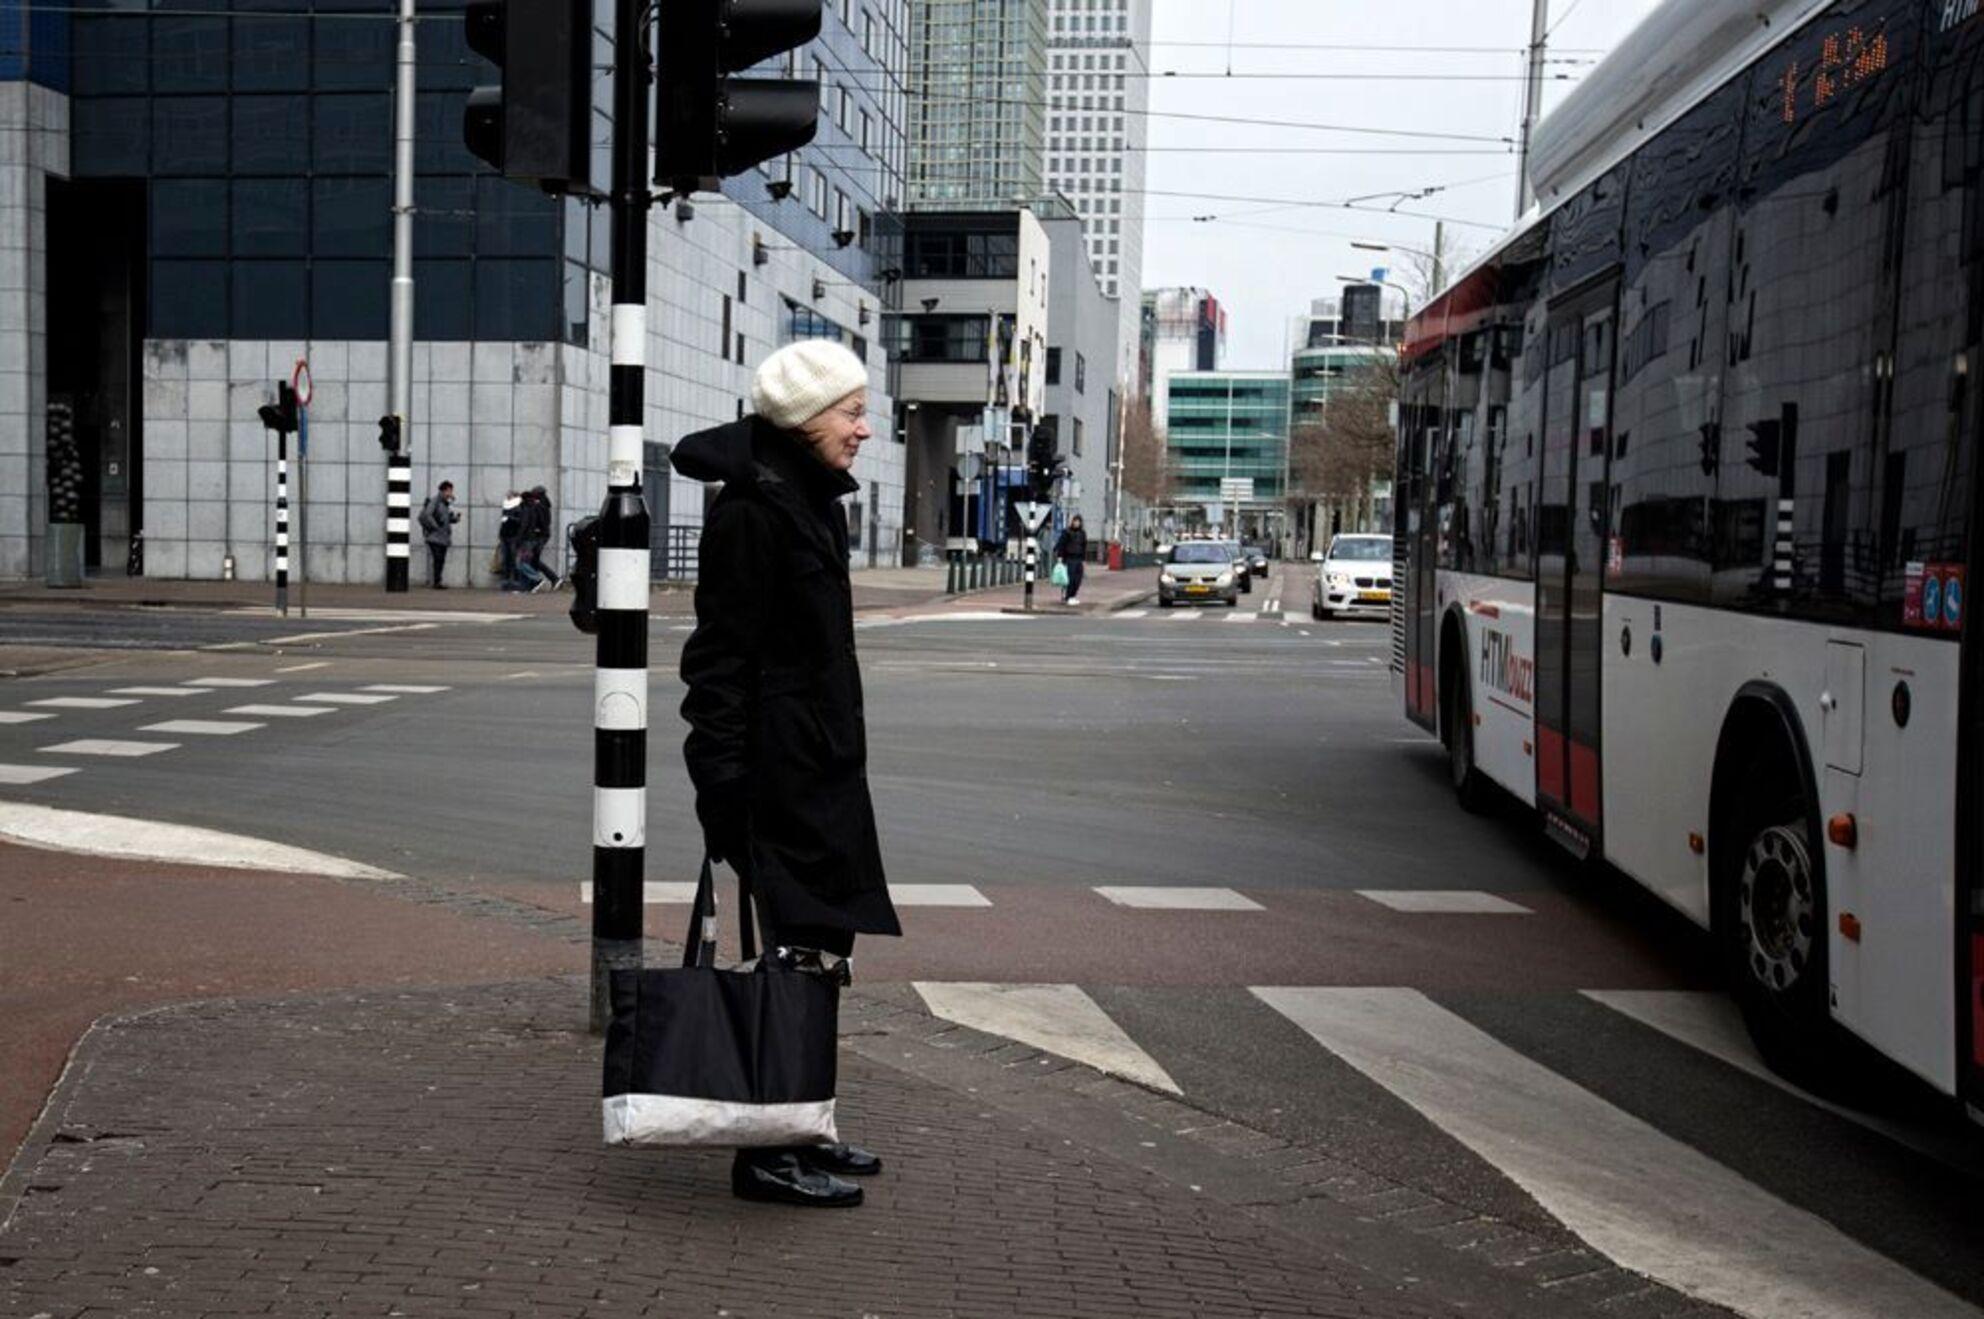 On the Streets. - Den Haag - 2013. - foto door yurivangeenen op 27-03-2013 - deze foto bevat: straatfotografie, yuri van geenen - Deze foto mag gebruikt worden in een Zoom.nl publicatie